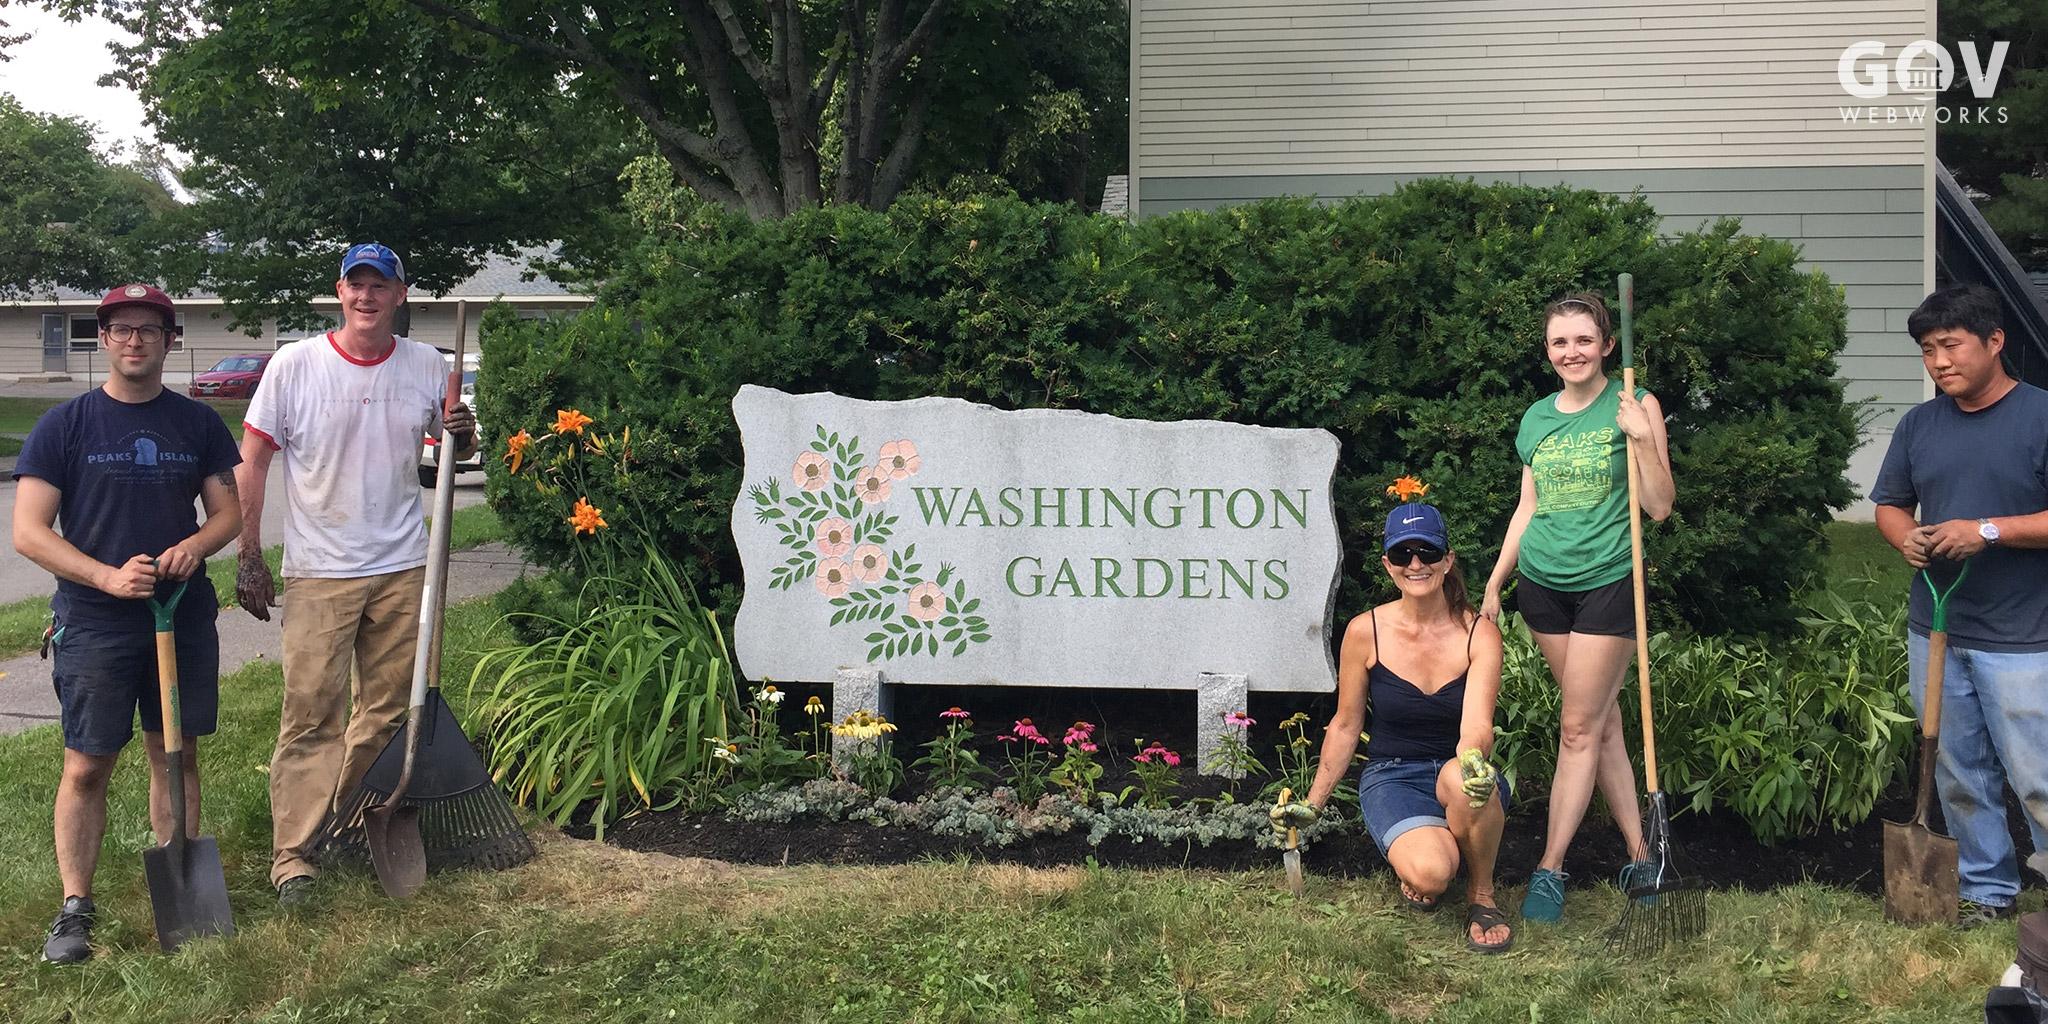 Washington Gardens